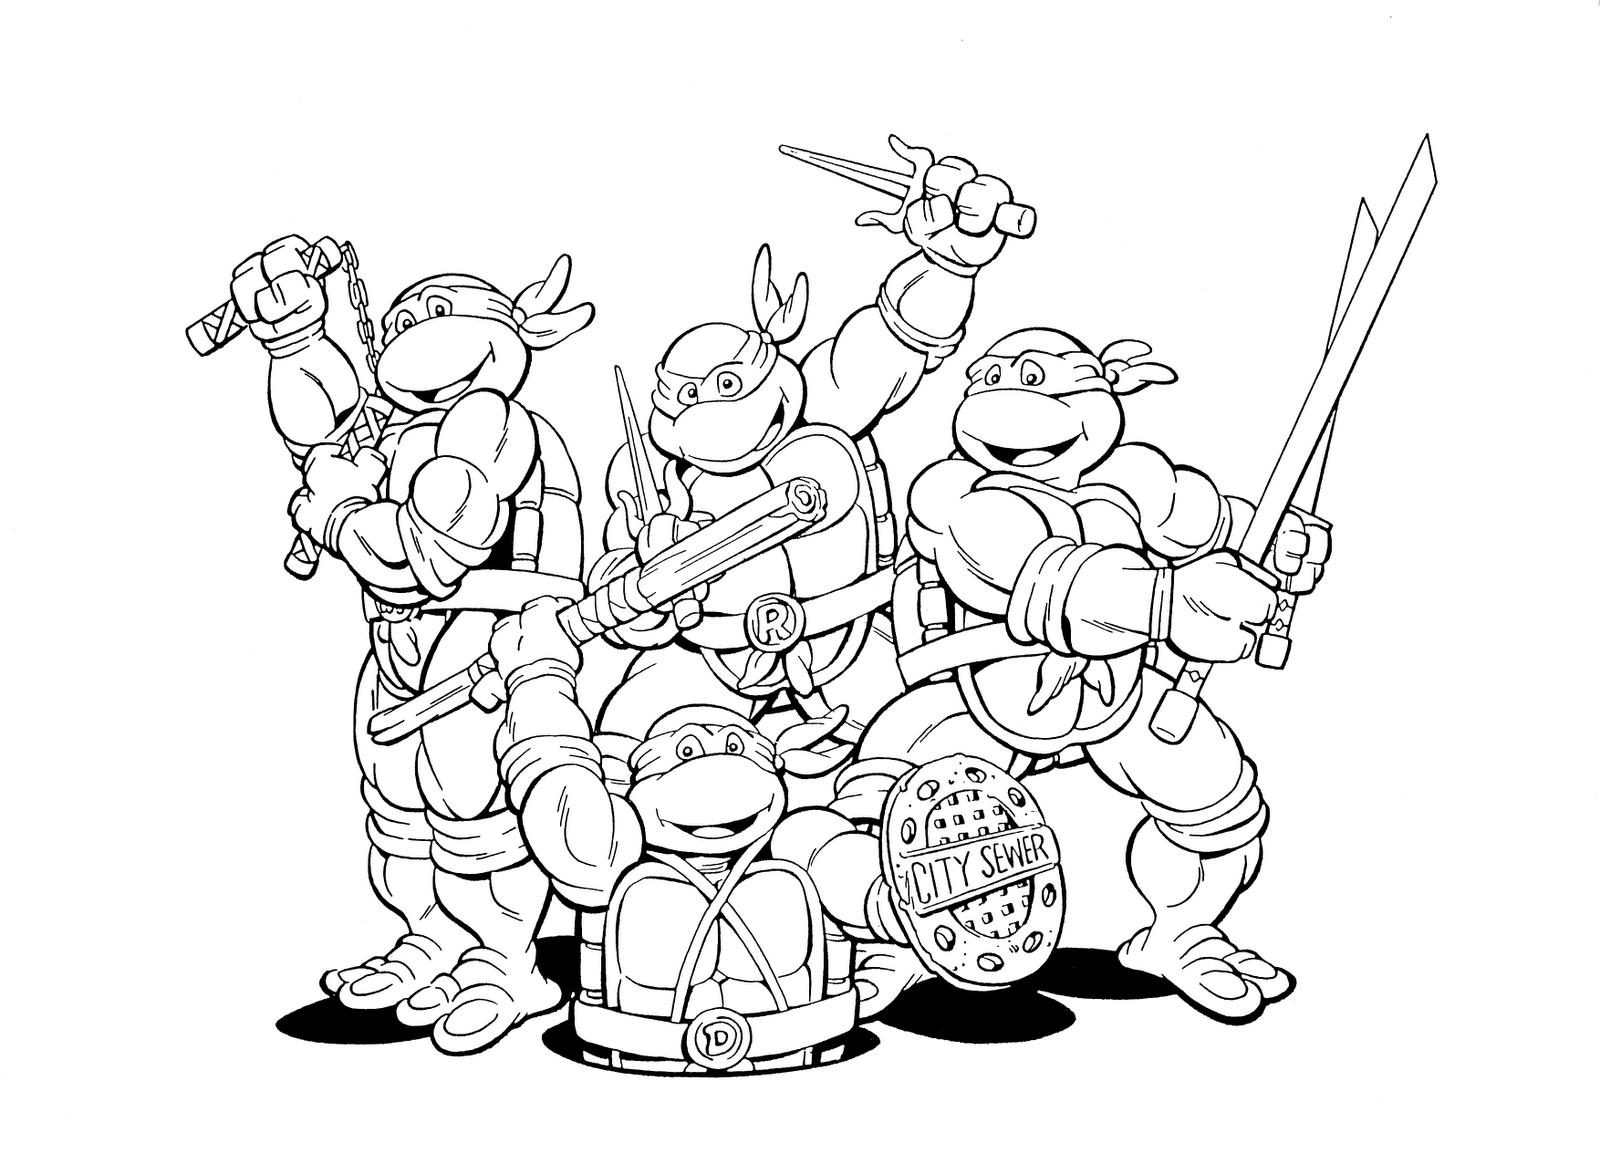 Craftoholic Teenage Mutant Ninja Turtles Coloring Pages